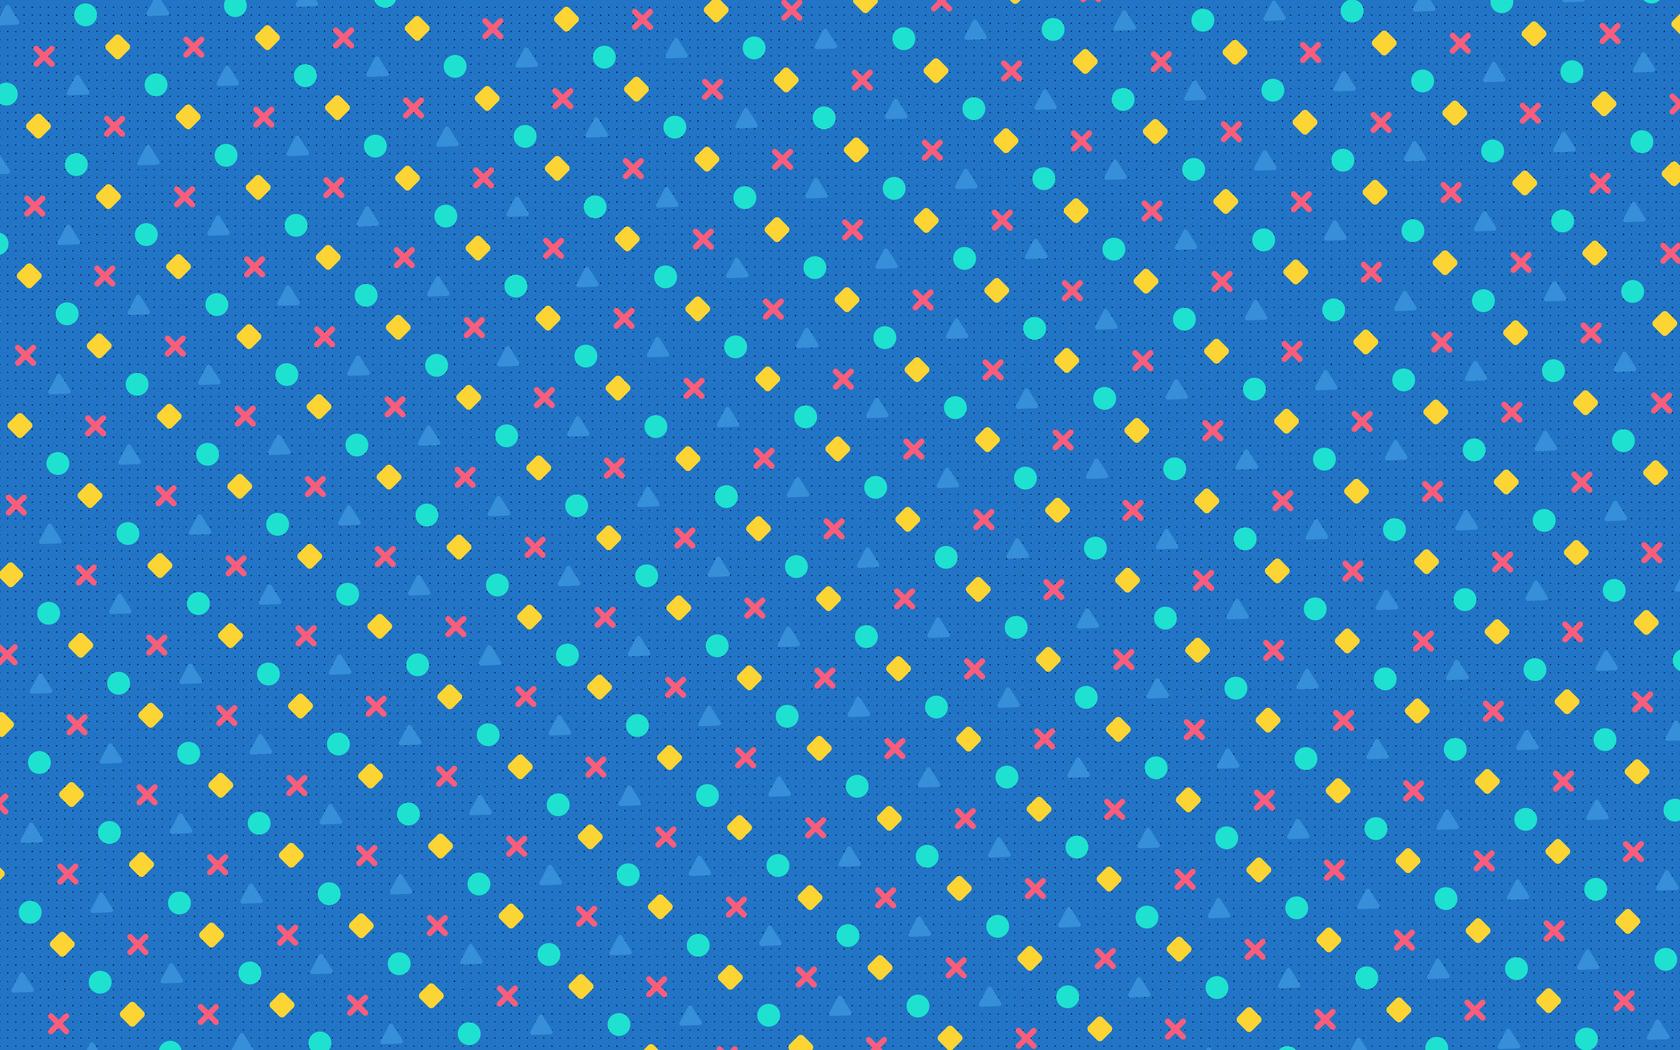 retro-blue-background-4k-yl.jpg